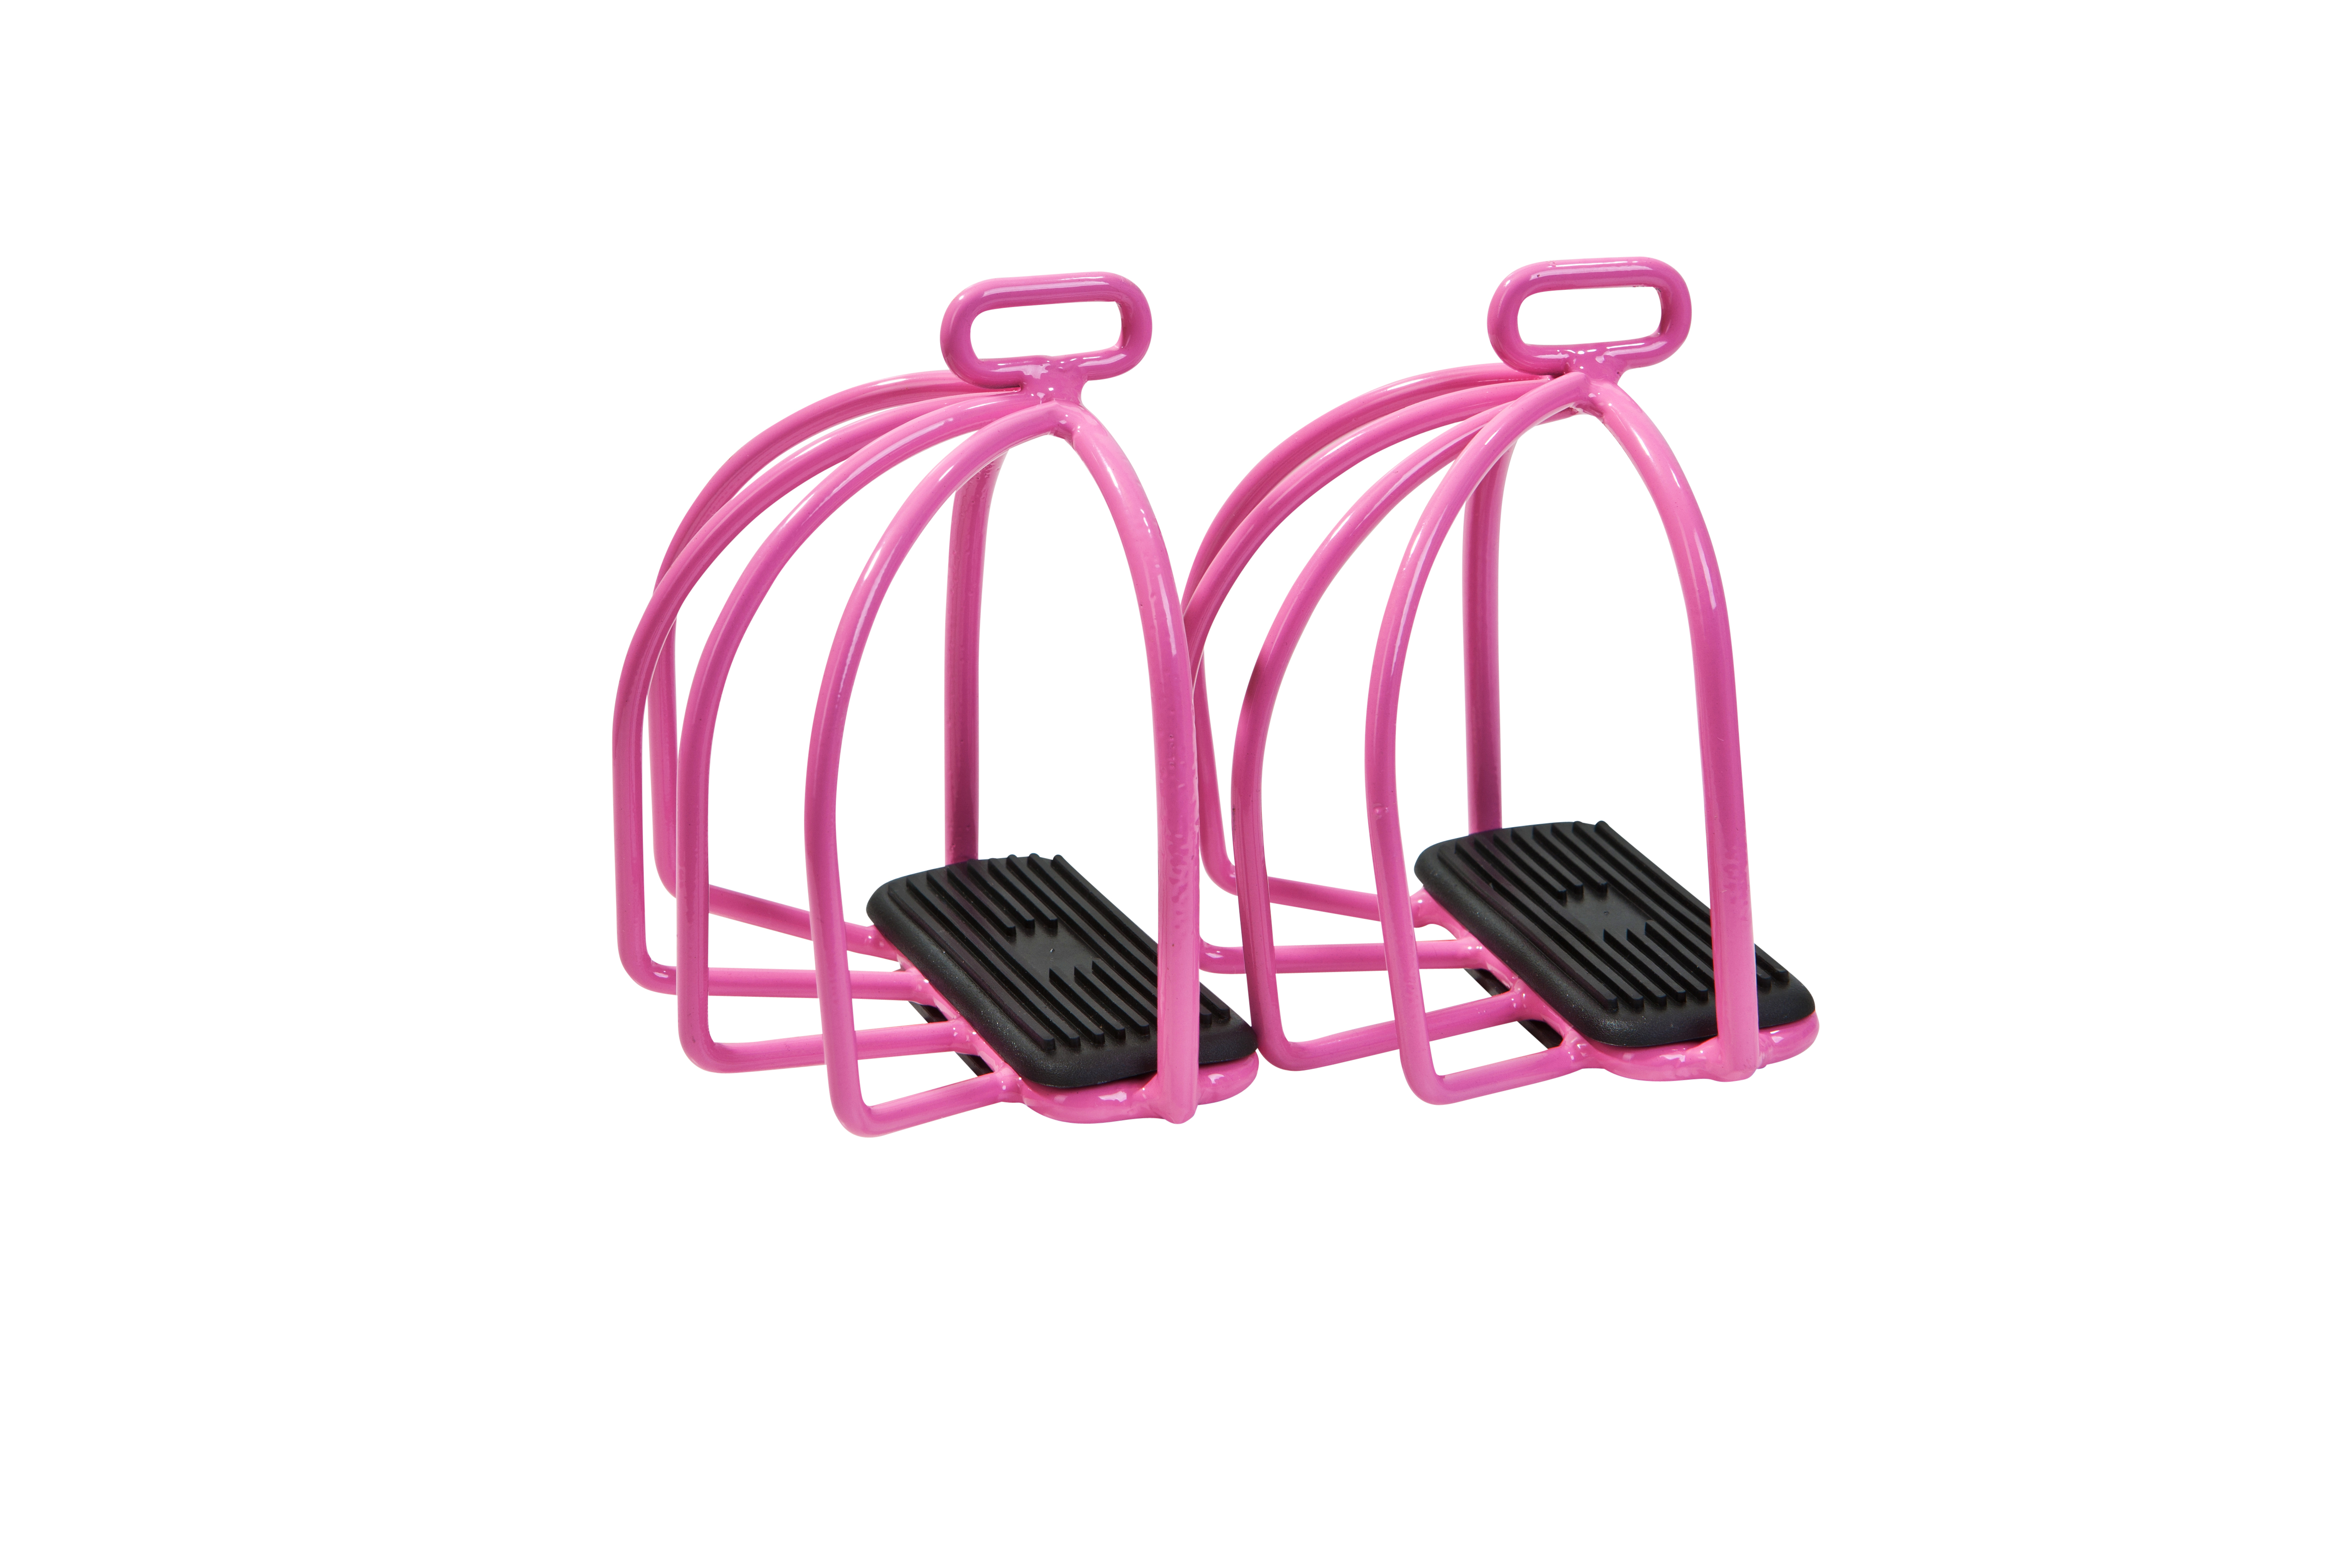 Hestagallery-sikkerheds_stigbøjler_pink_erll9593-1-Hestagallery